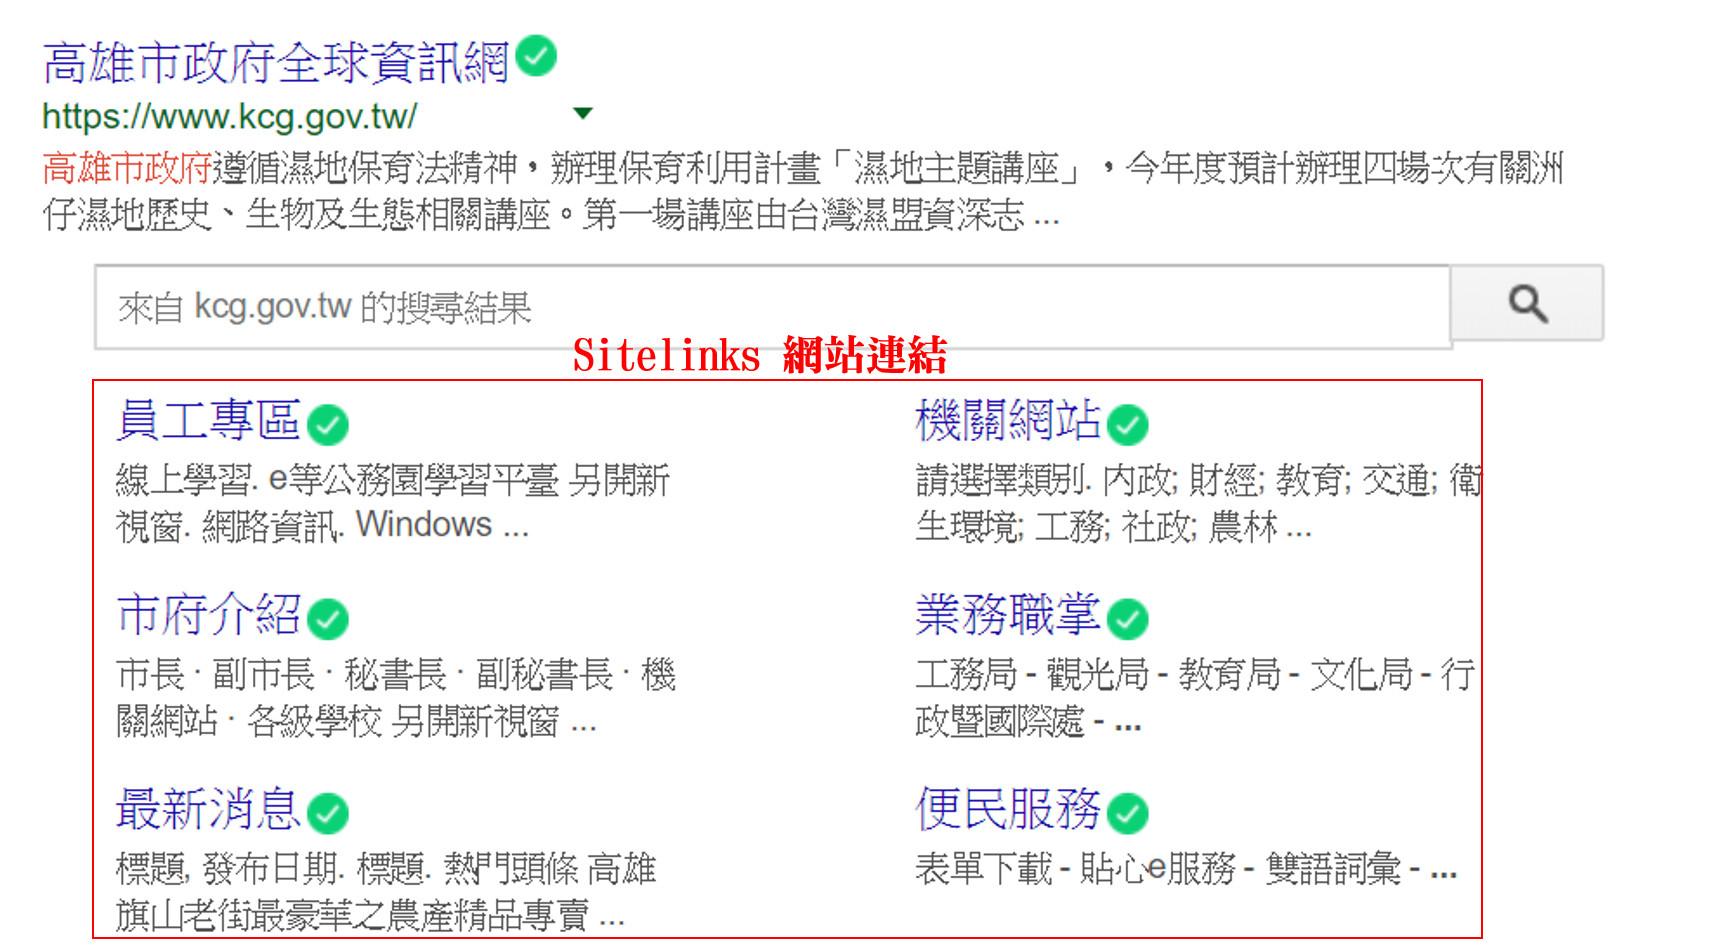 Sitelinks網站連結